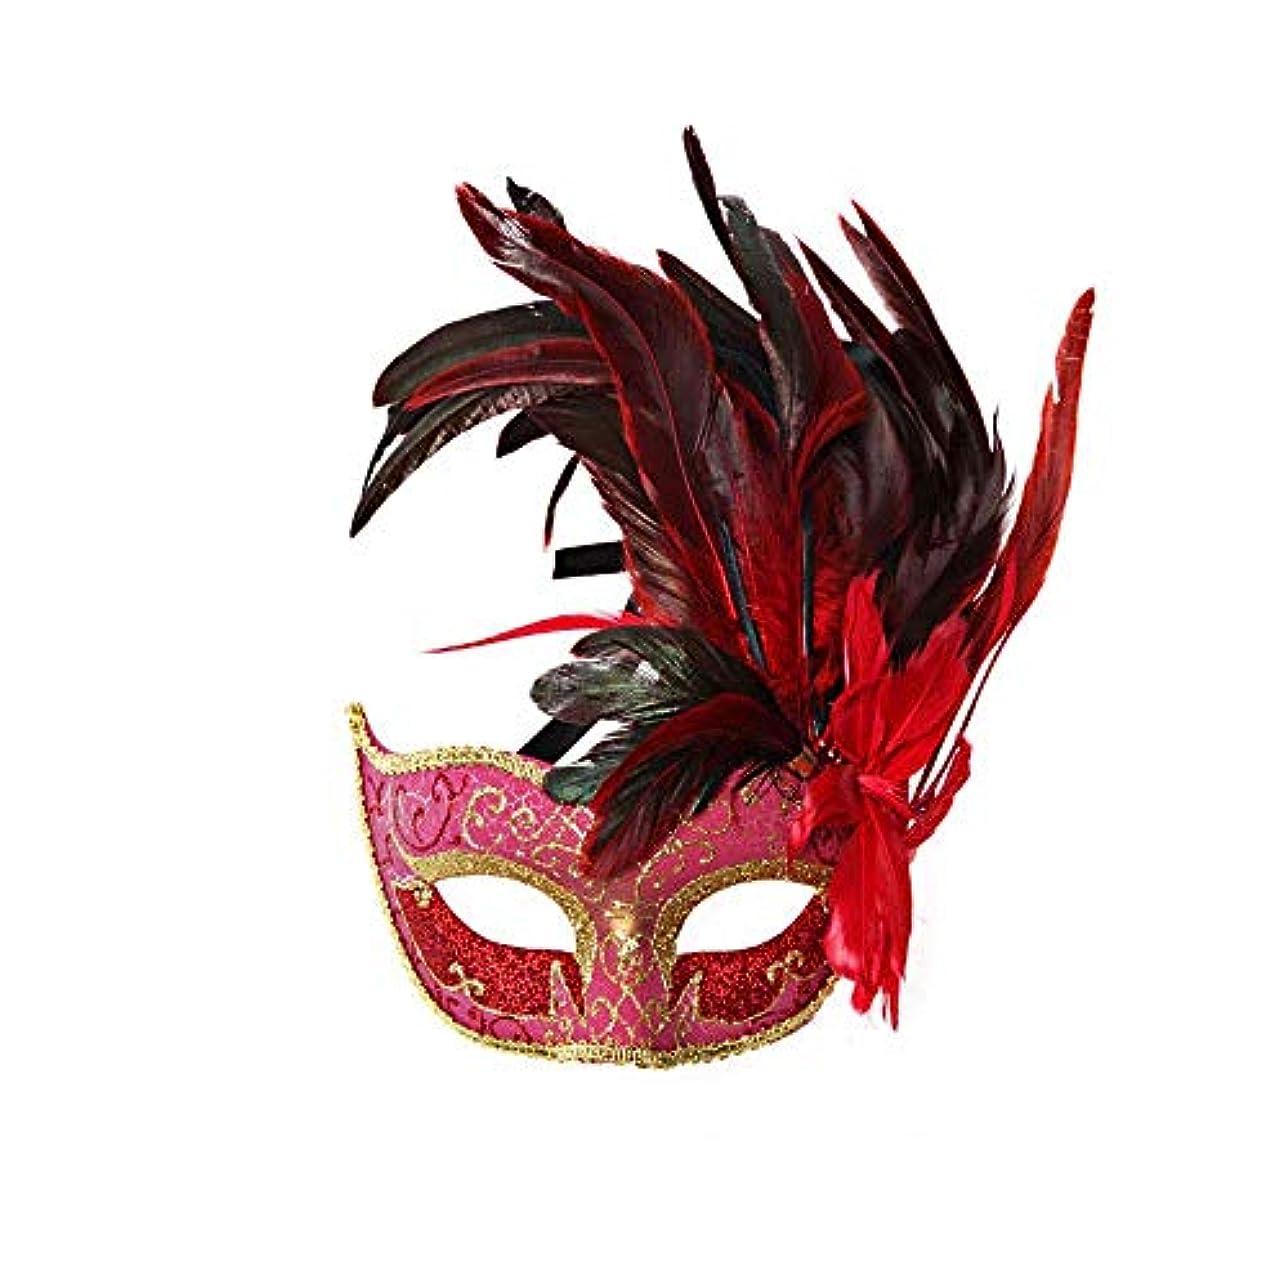 抜本的なほとんどないオフNanle ハロウィンマスクハーフフェザーマスクベニスプリンセスマスク美容レース仮面ライダーコスプレ (色 : Style A red)